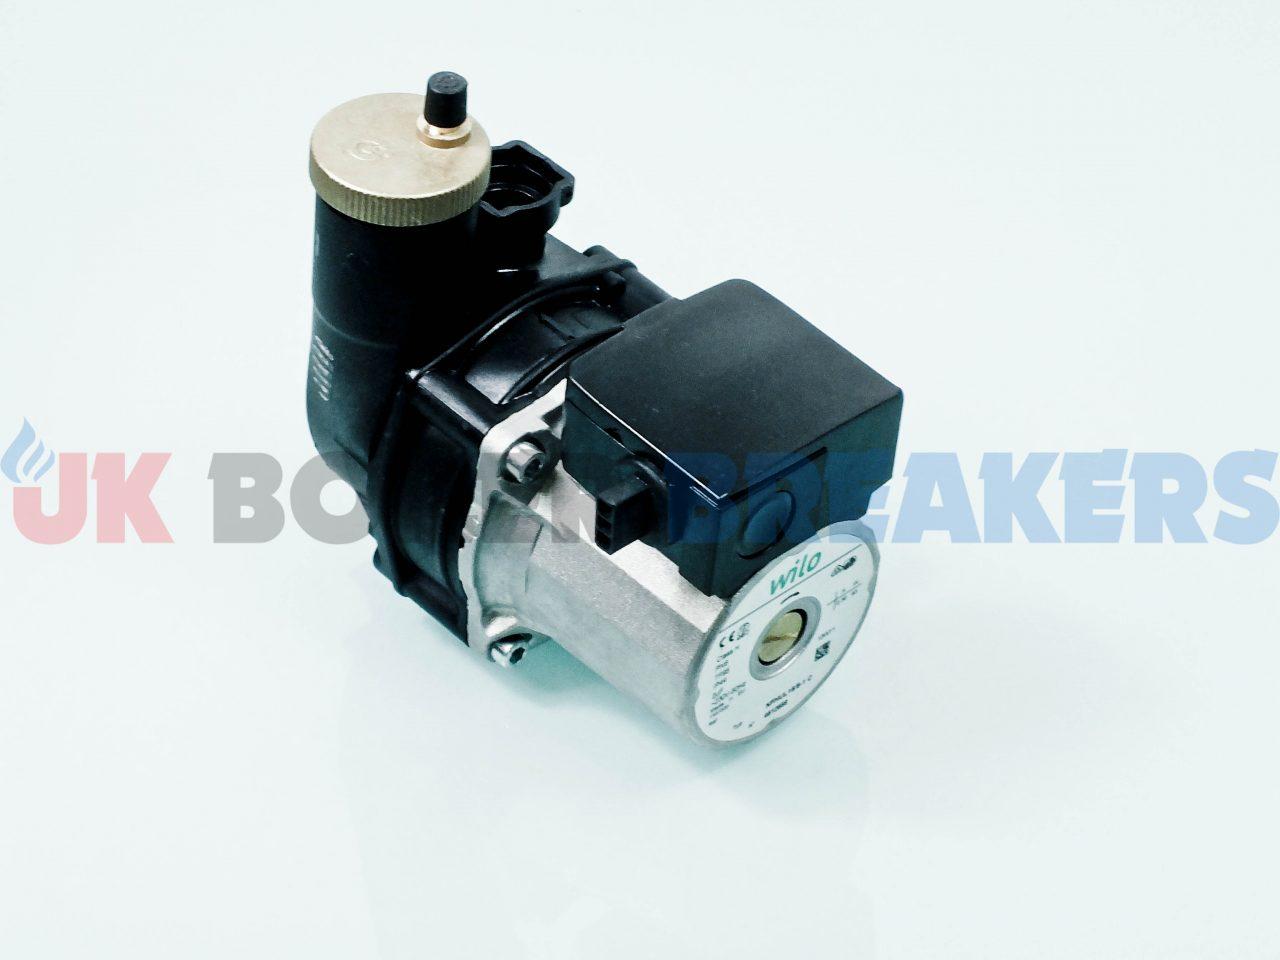 Ideal Pump 172610 GC- 47-348-39 1